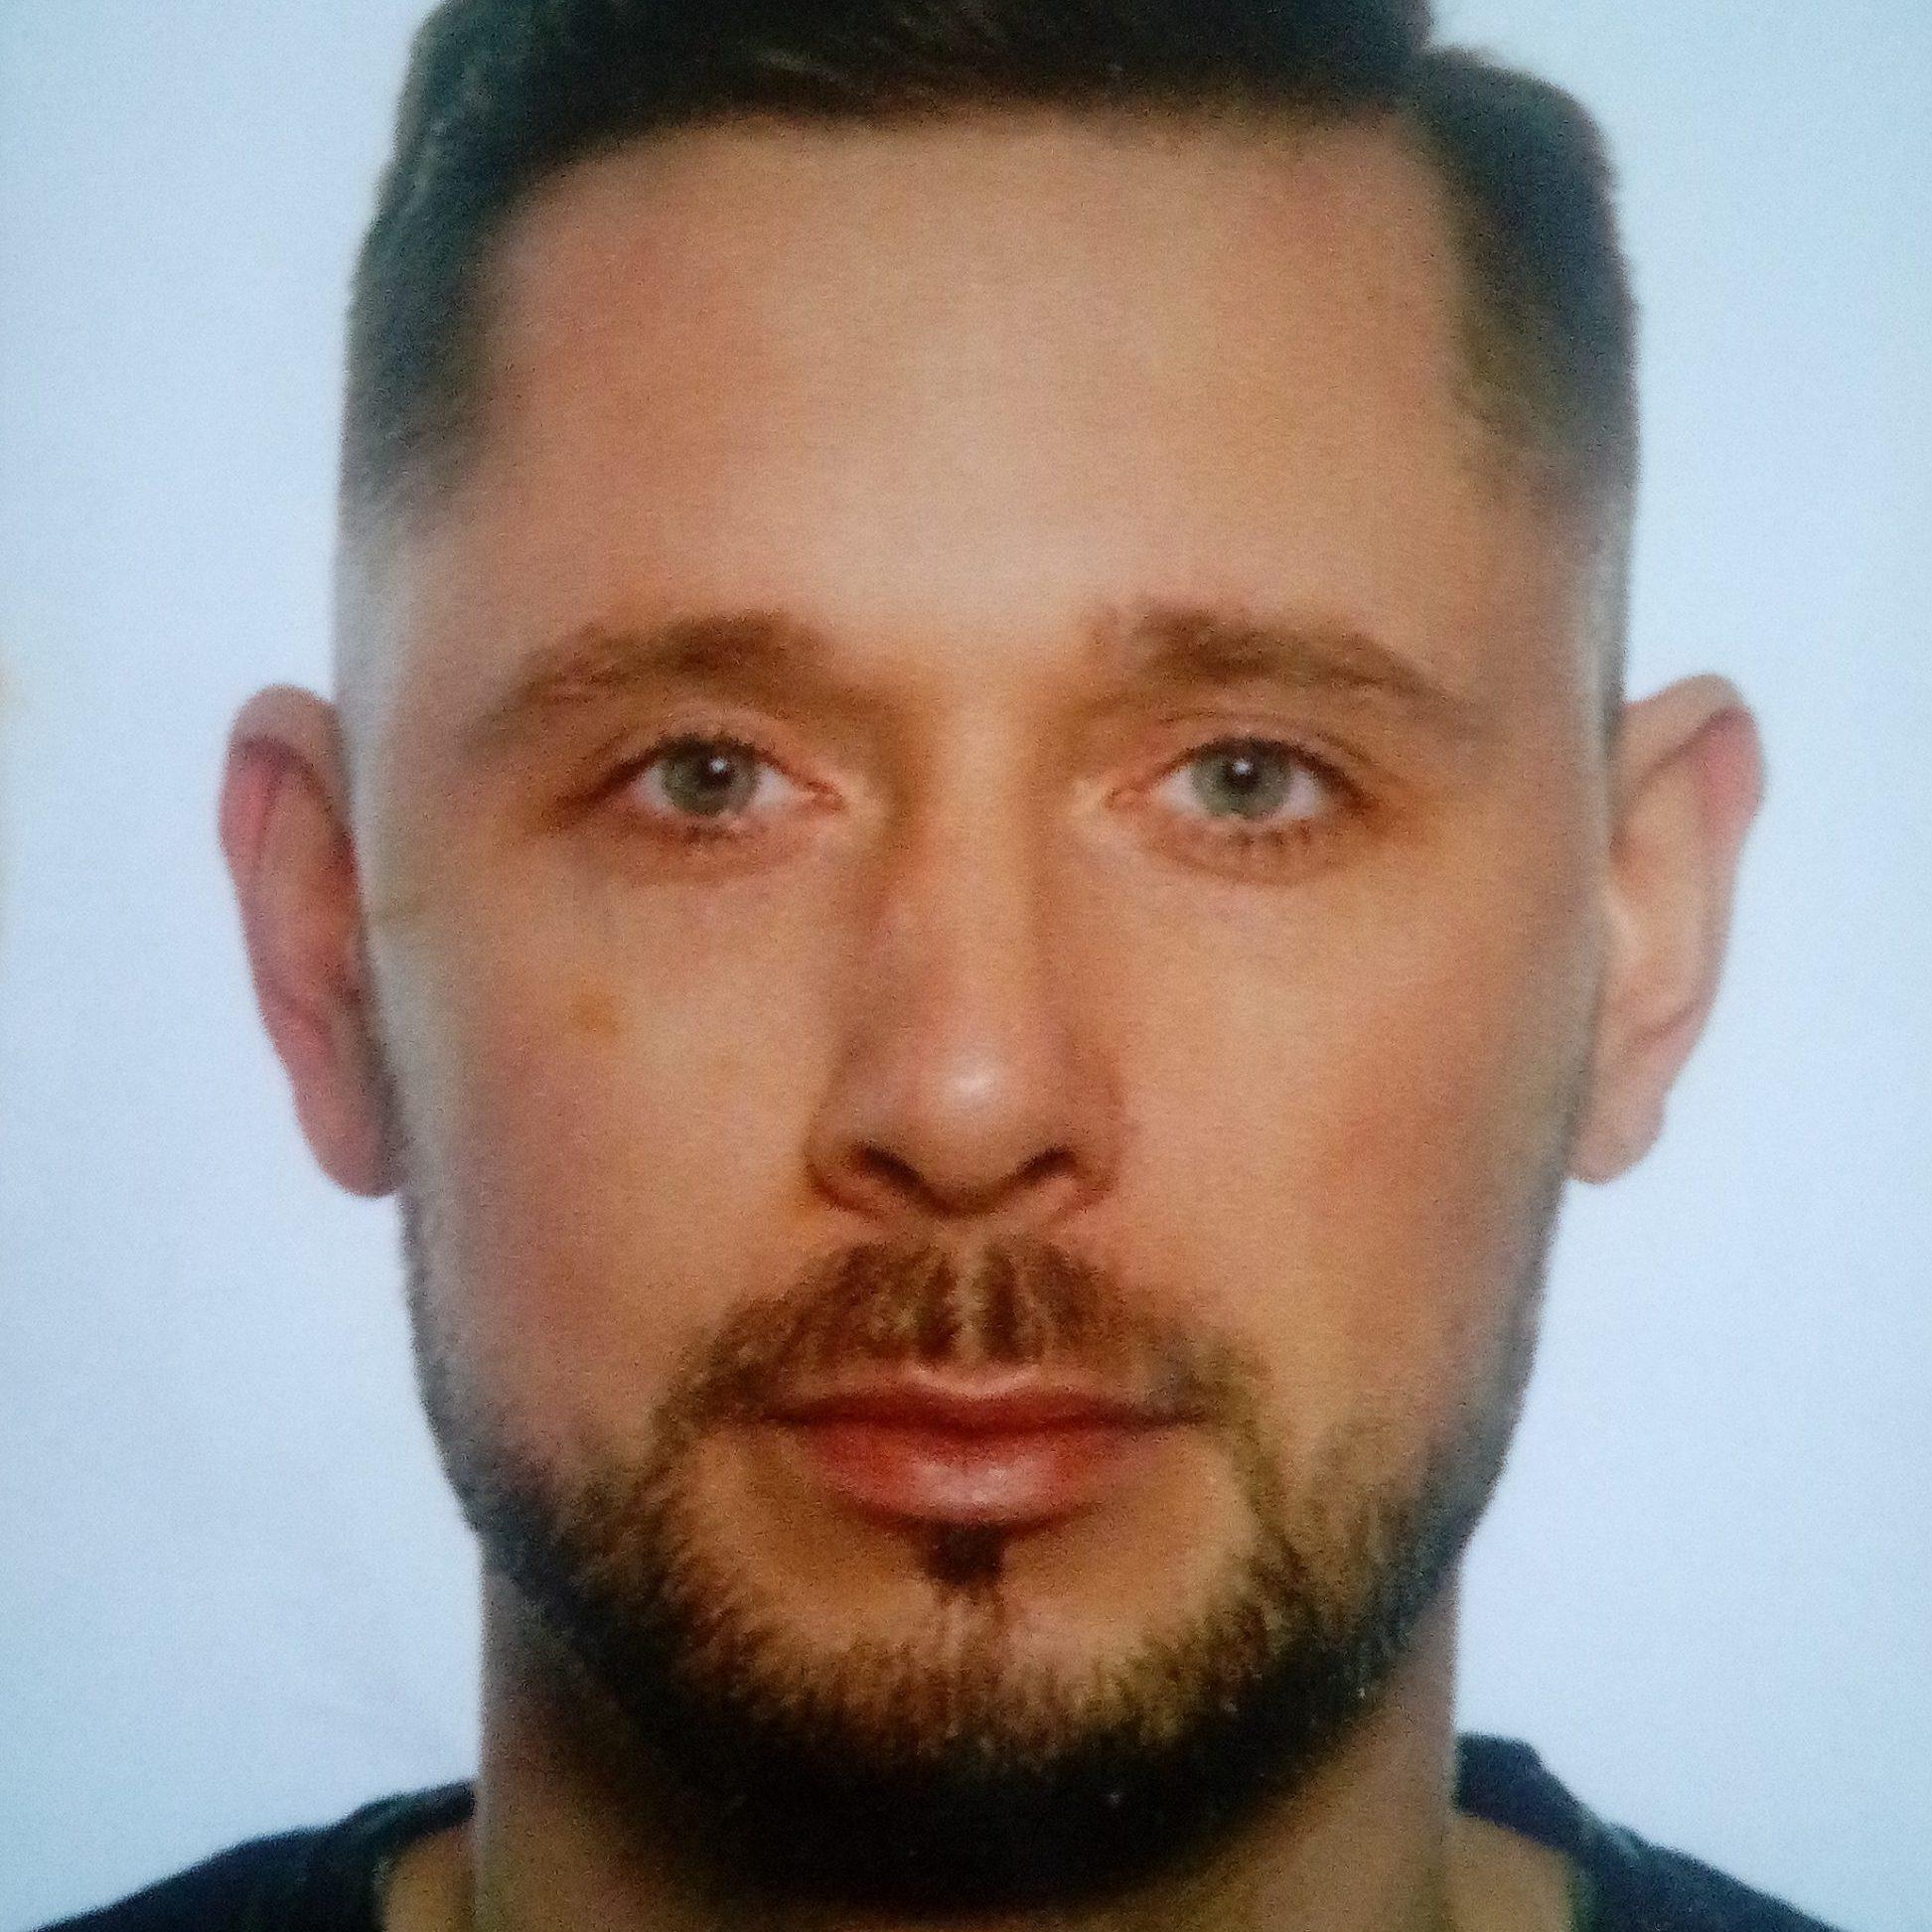 Mateusz Baginski